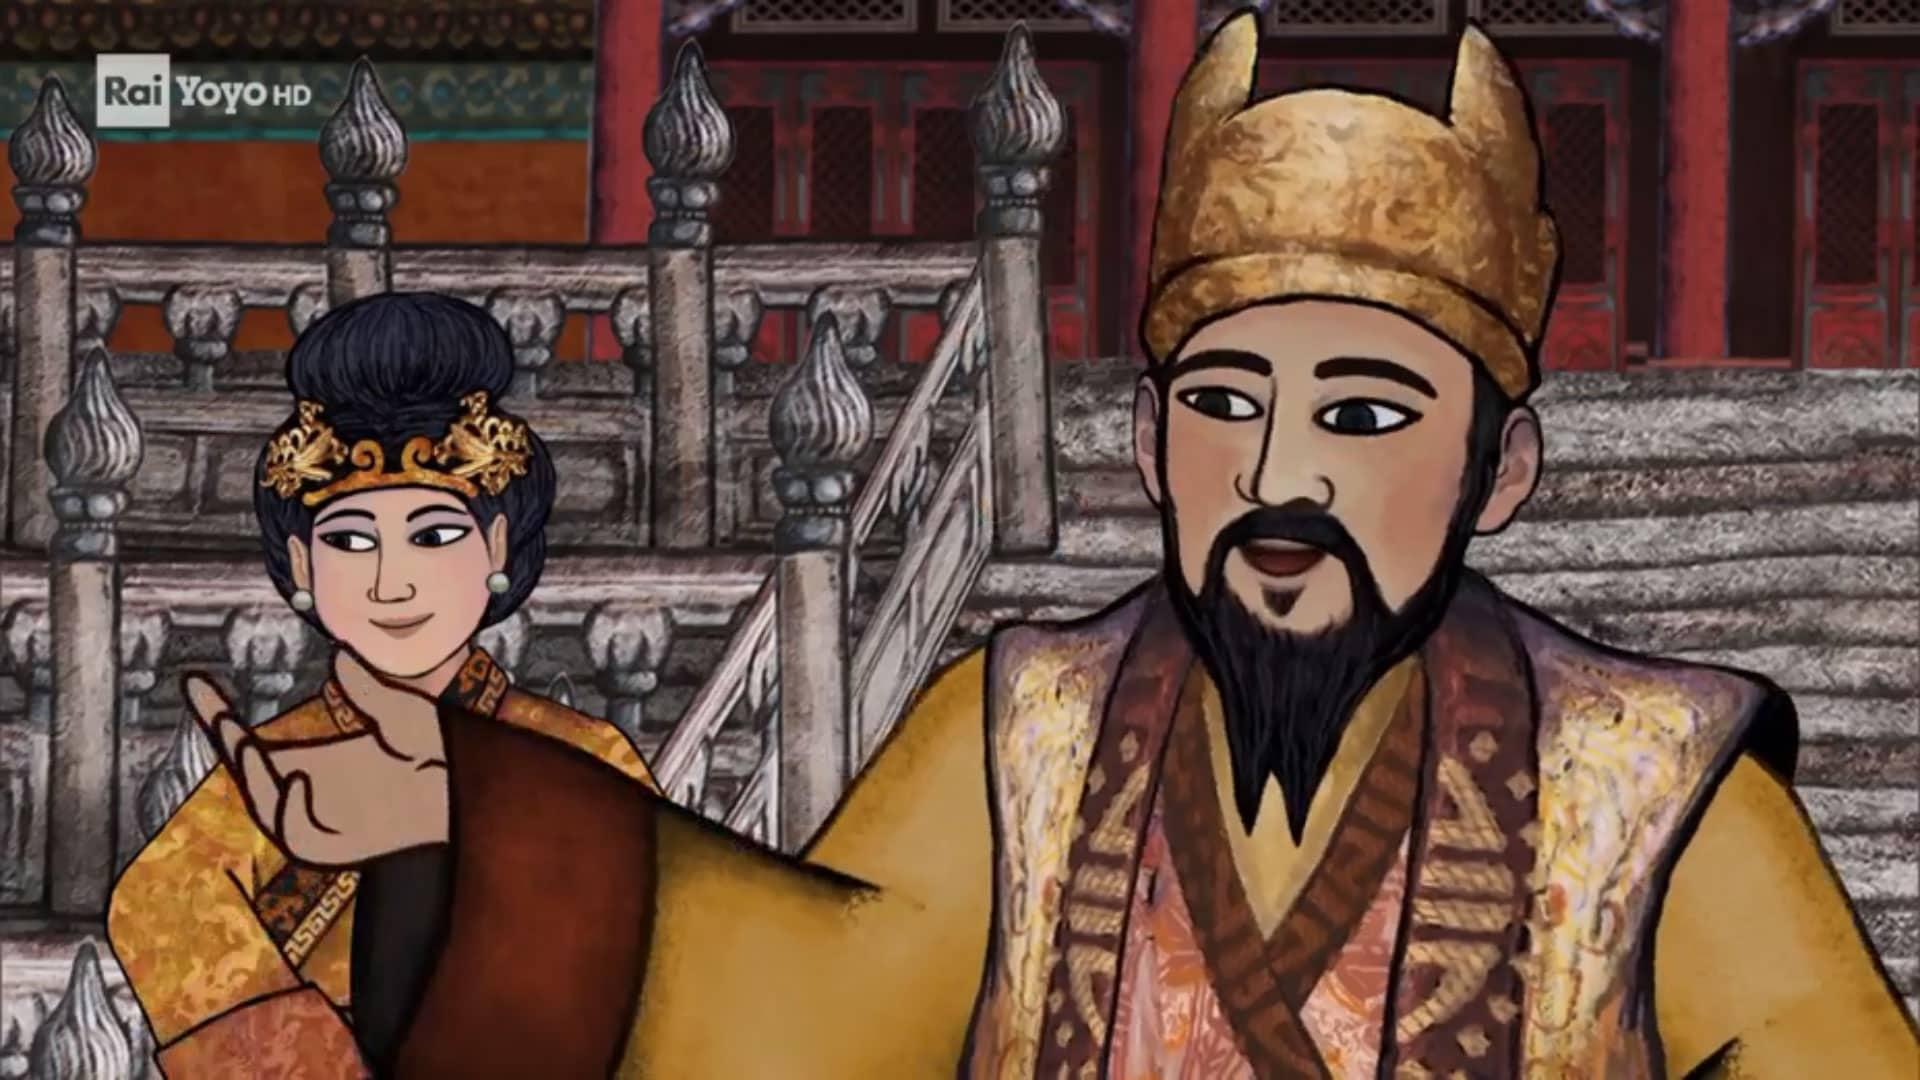 Rai Yoyo Marco Polo - S1E14 - Pechino capitale dell'impero